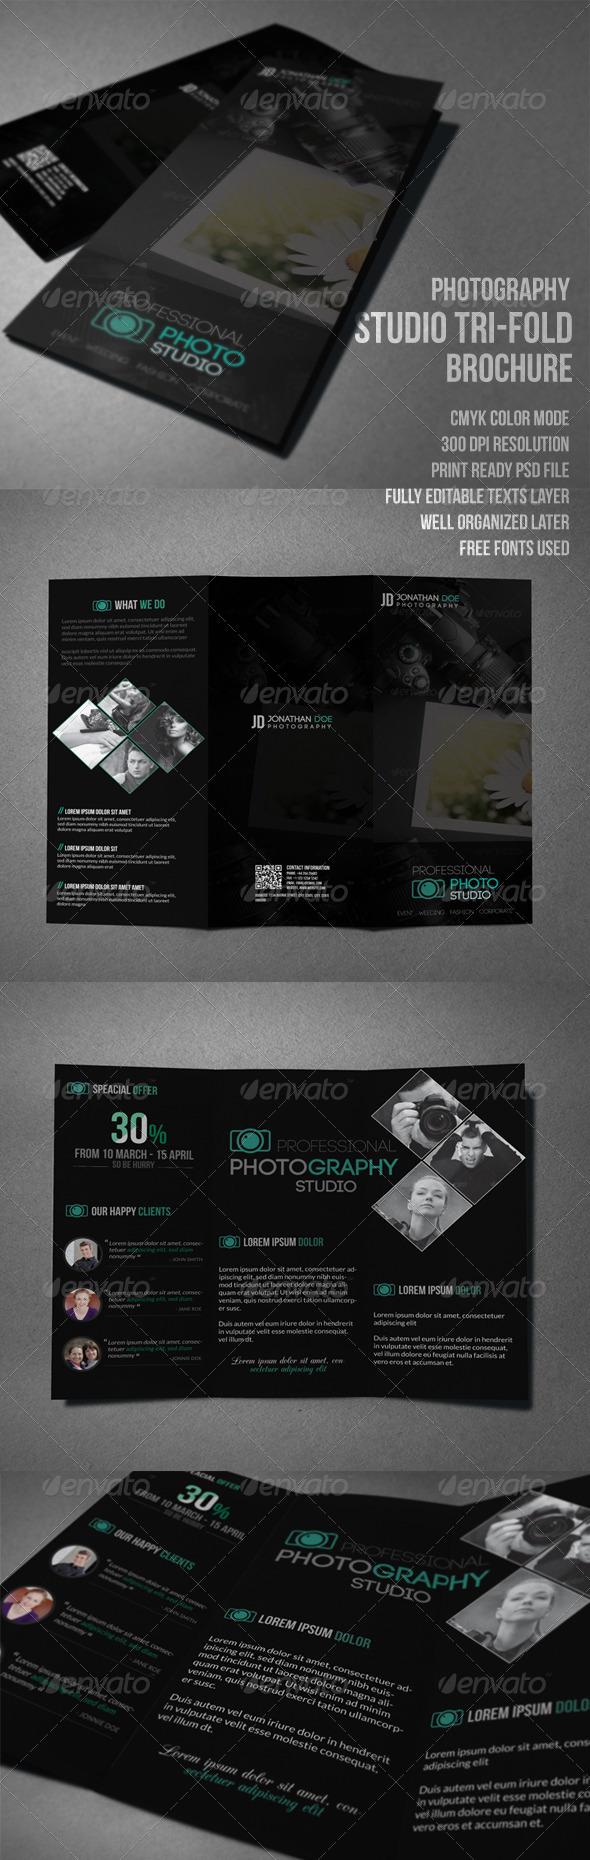 GraphicRiver Photography Studio Tri-Fold Brochure 7749246